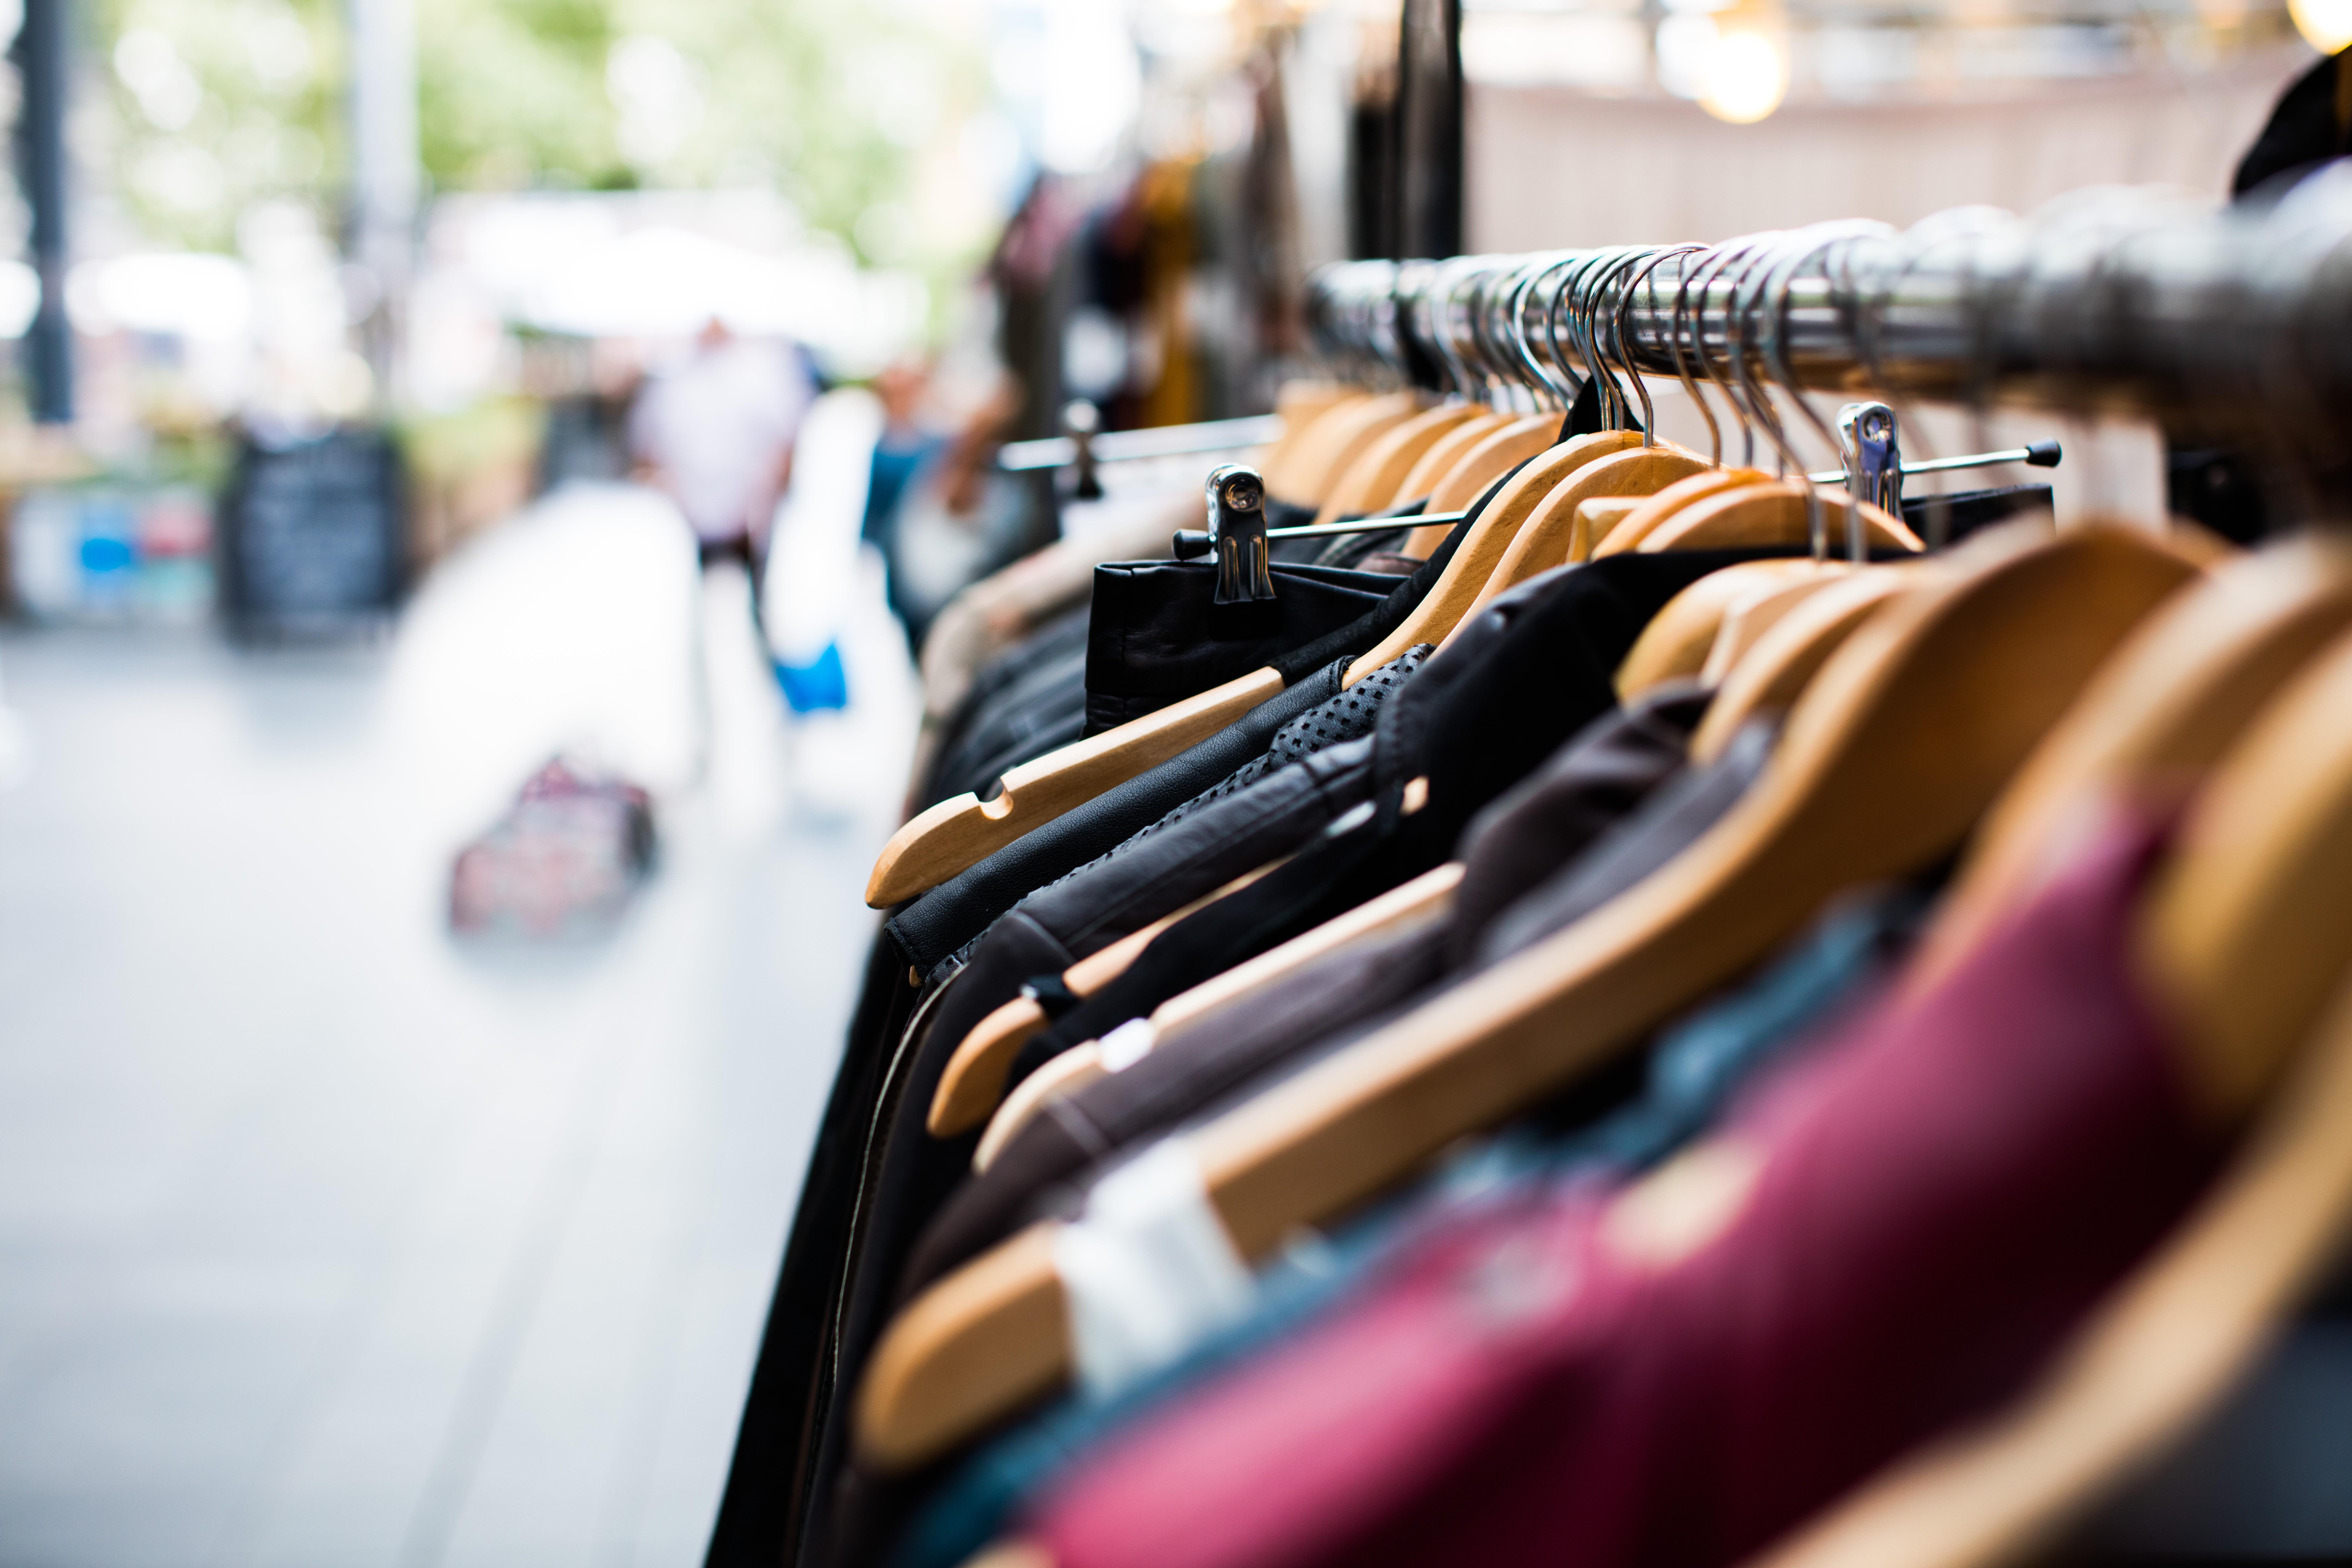 free images blur people hanger shop spring vehicle color market blue rack shopping. Black Bedroom Furniture Sets. Home Design Ideas